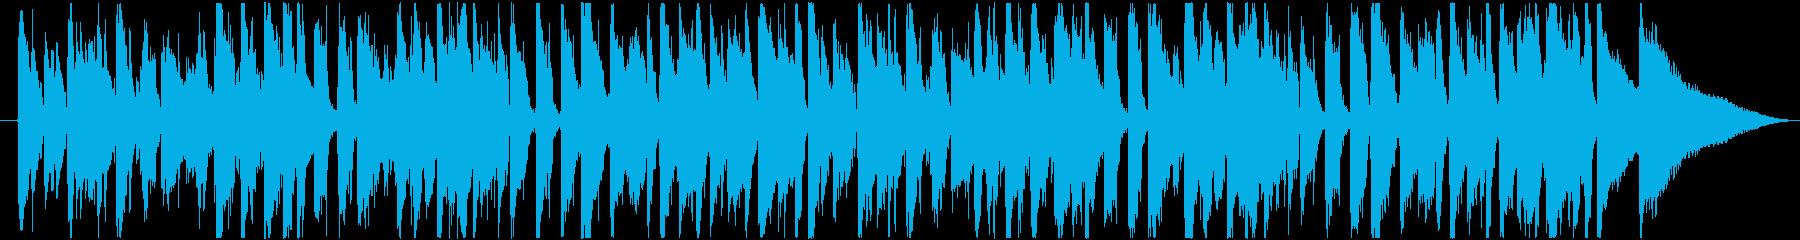 カントリー調のアコギジャズジングルの再生済みの波形